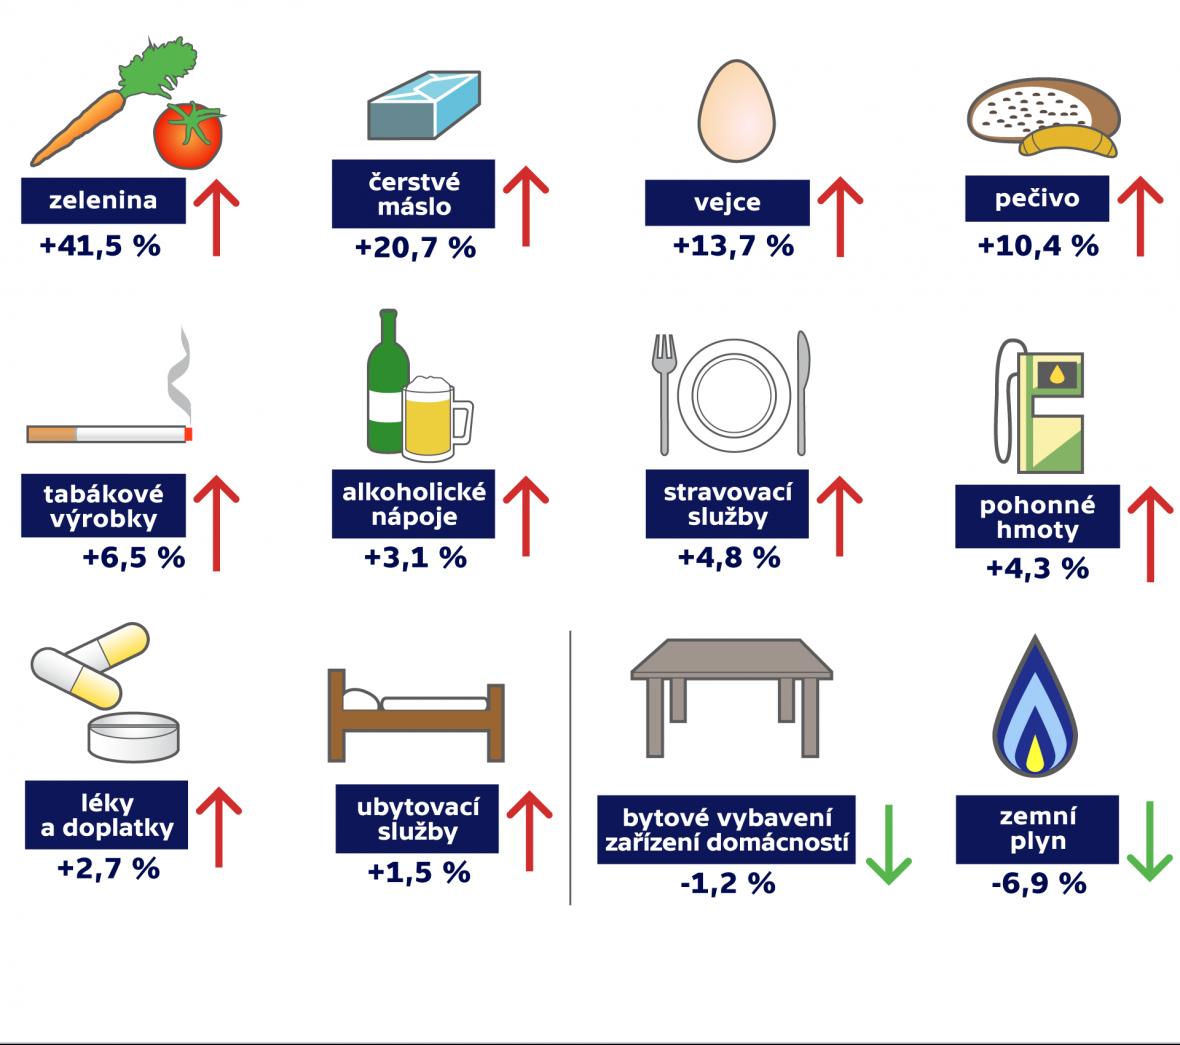 Vývoj spotřebitelských cen v prosinci 2016 (v meziročním srovnání oproti prosinci 2015, v %)